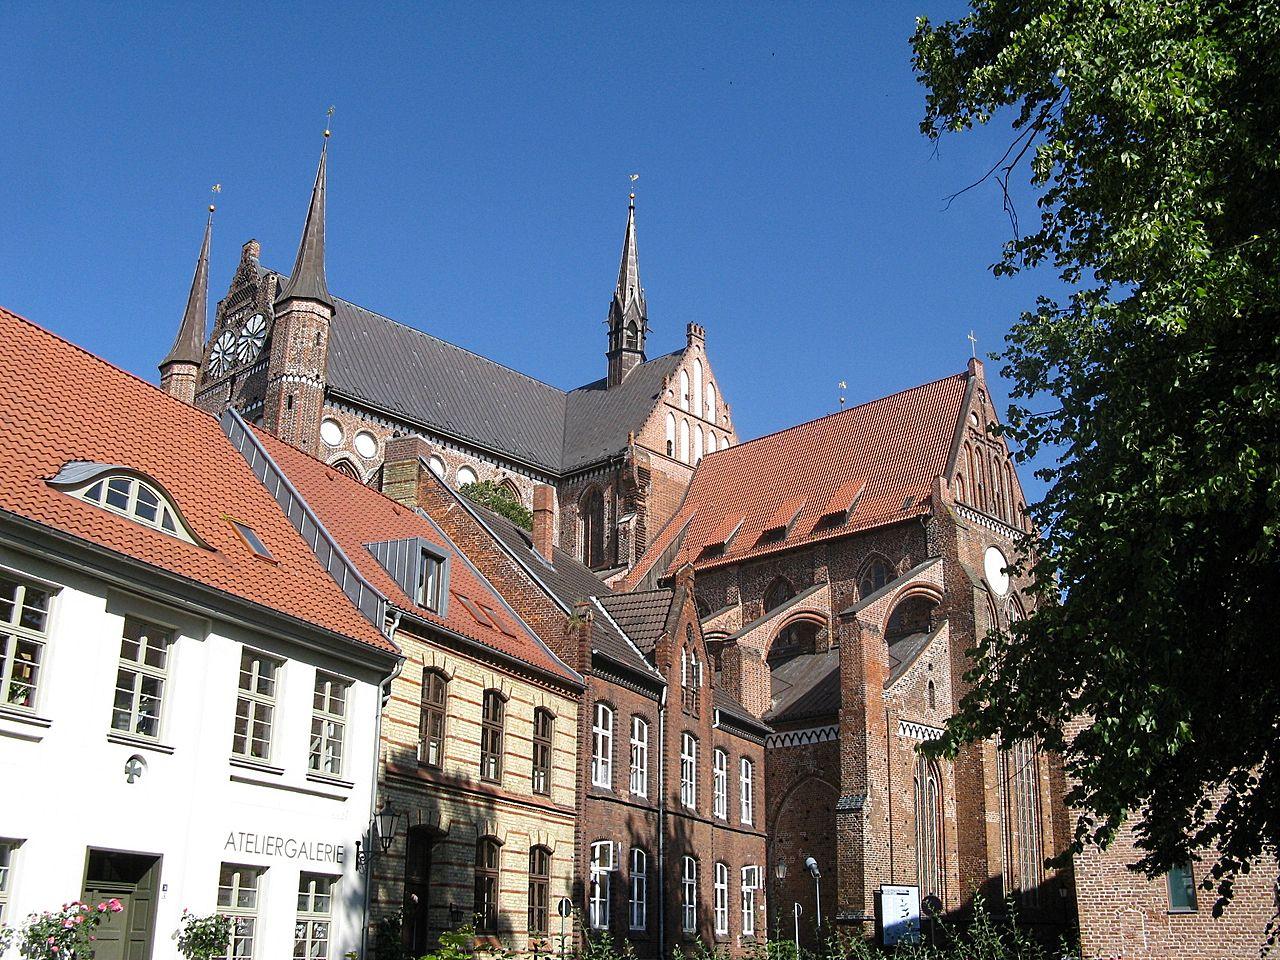 Bild St. Georgen Kirche Wismar